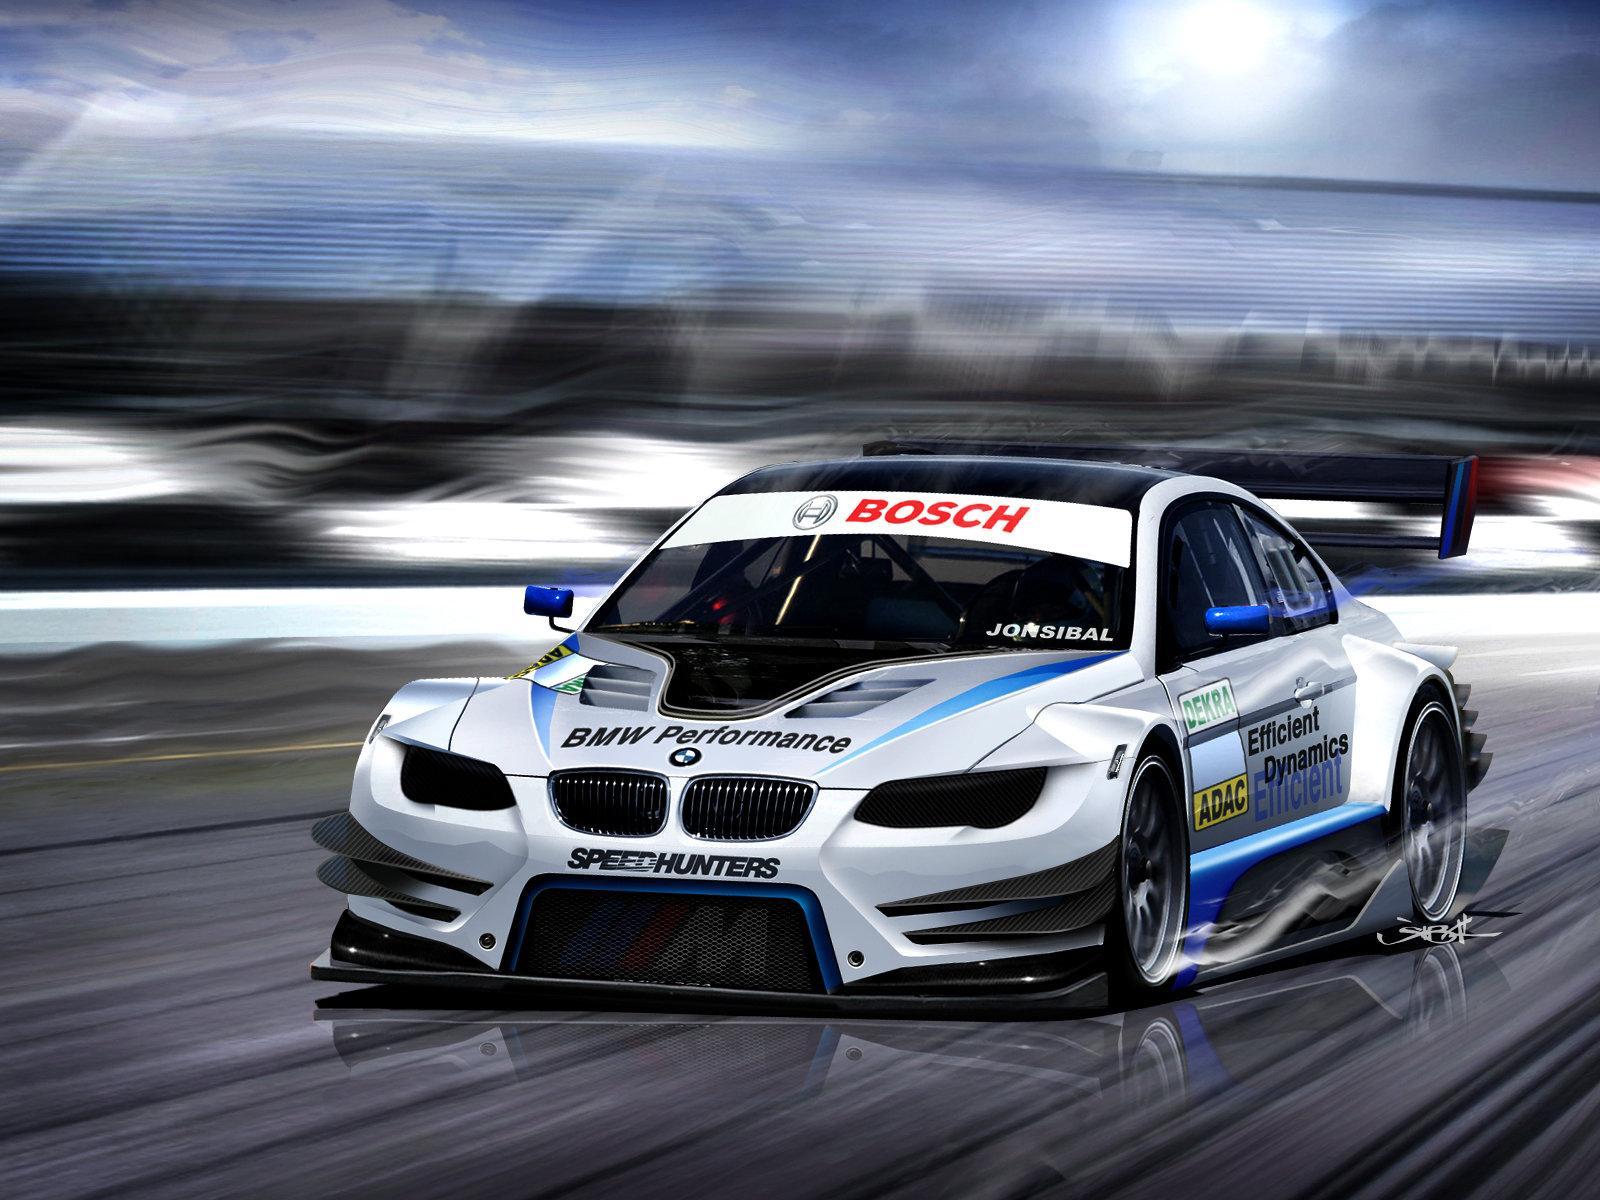 BMW M3 E92 DTM rendering by Jon Sibal